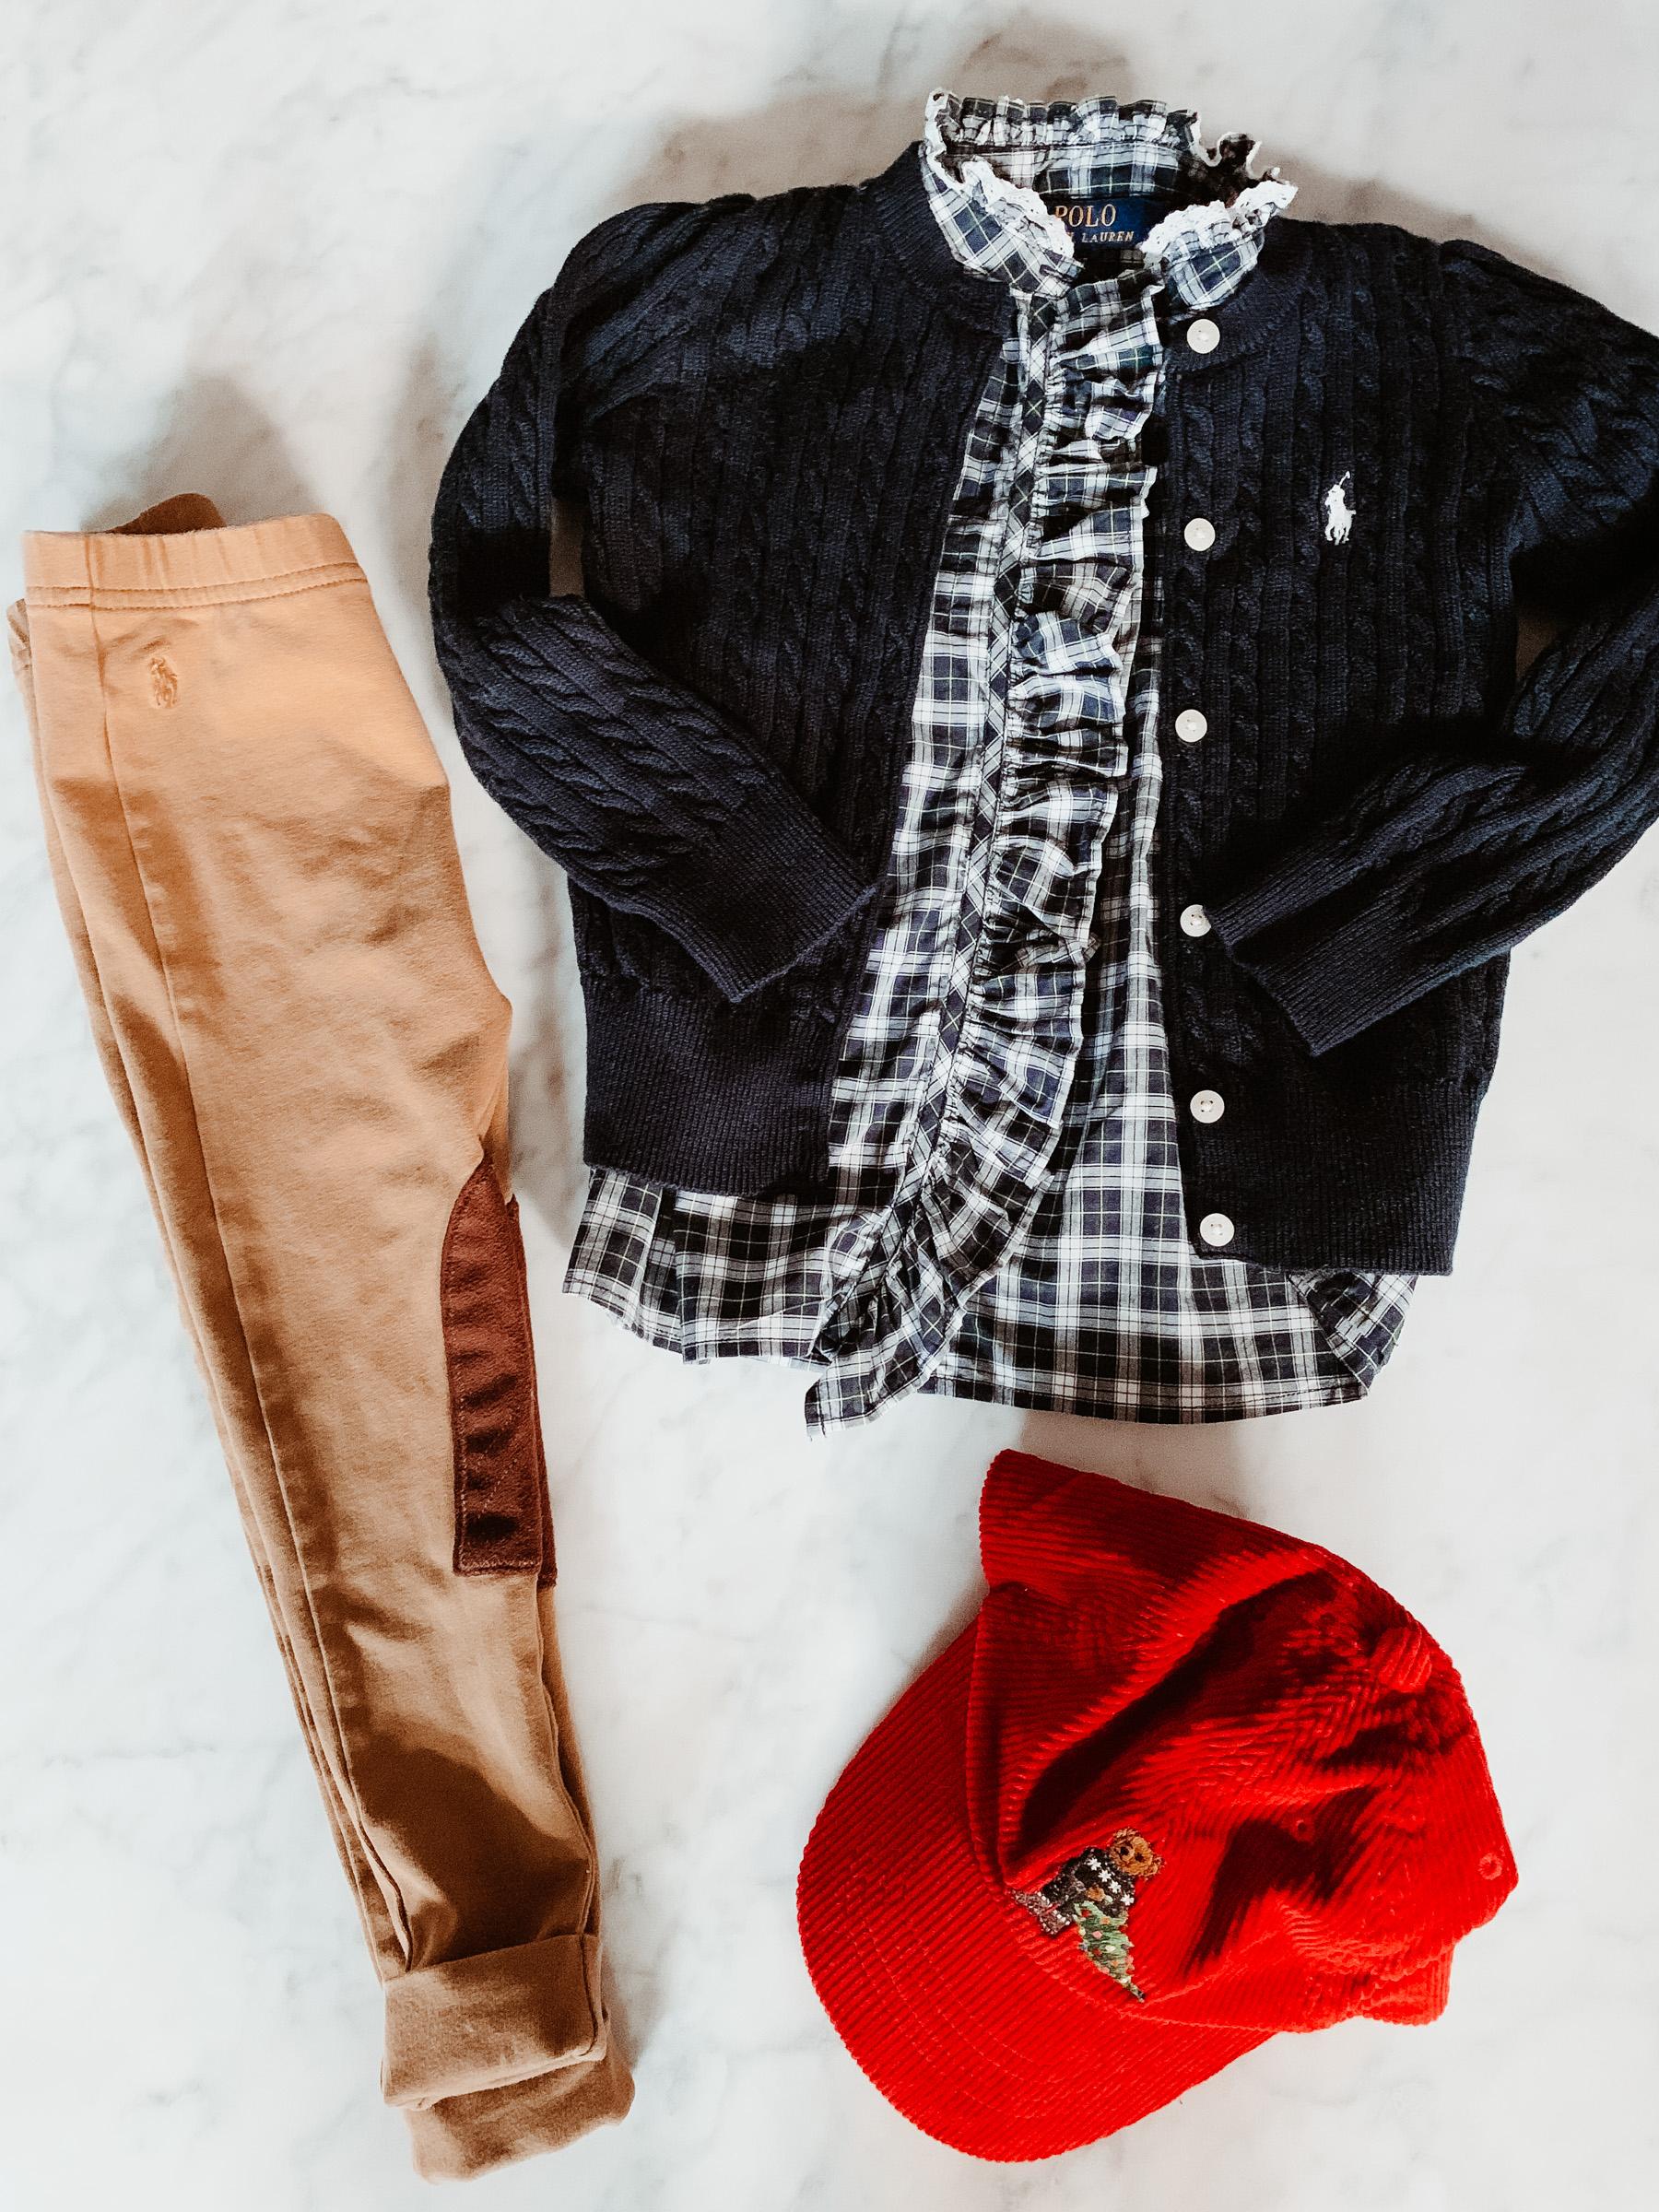 Ruffled Plaid Shirt / Navy Cardigan / Equestrian Leggings / Hatall c/o